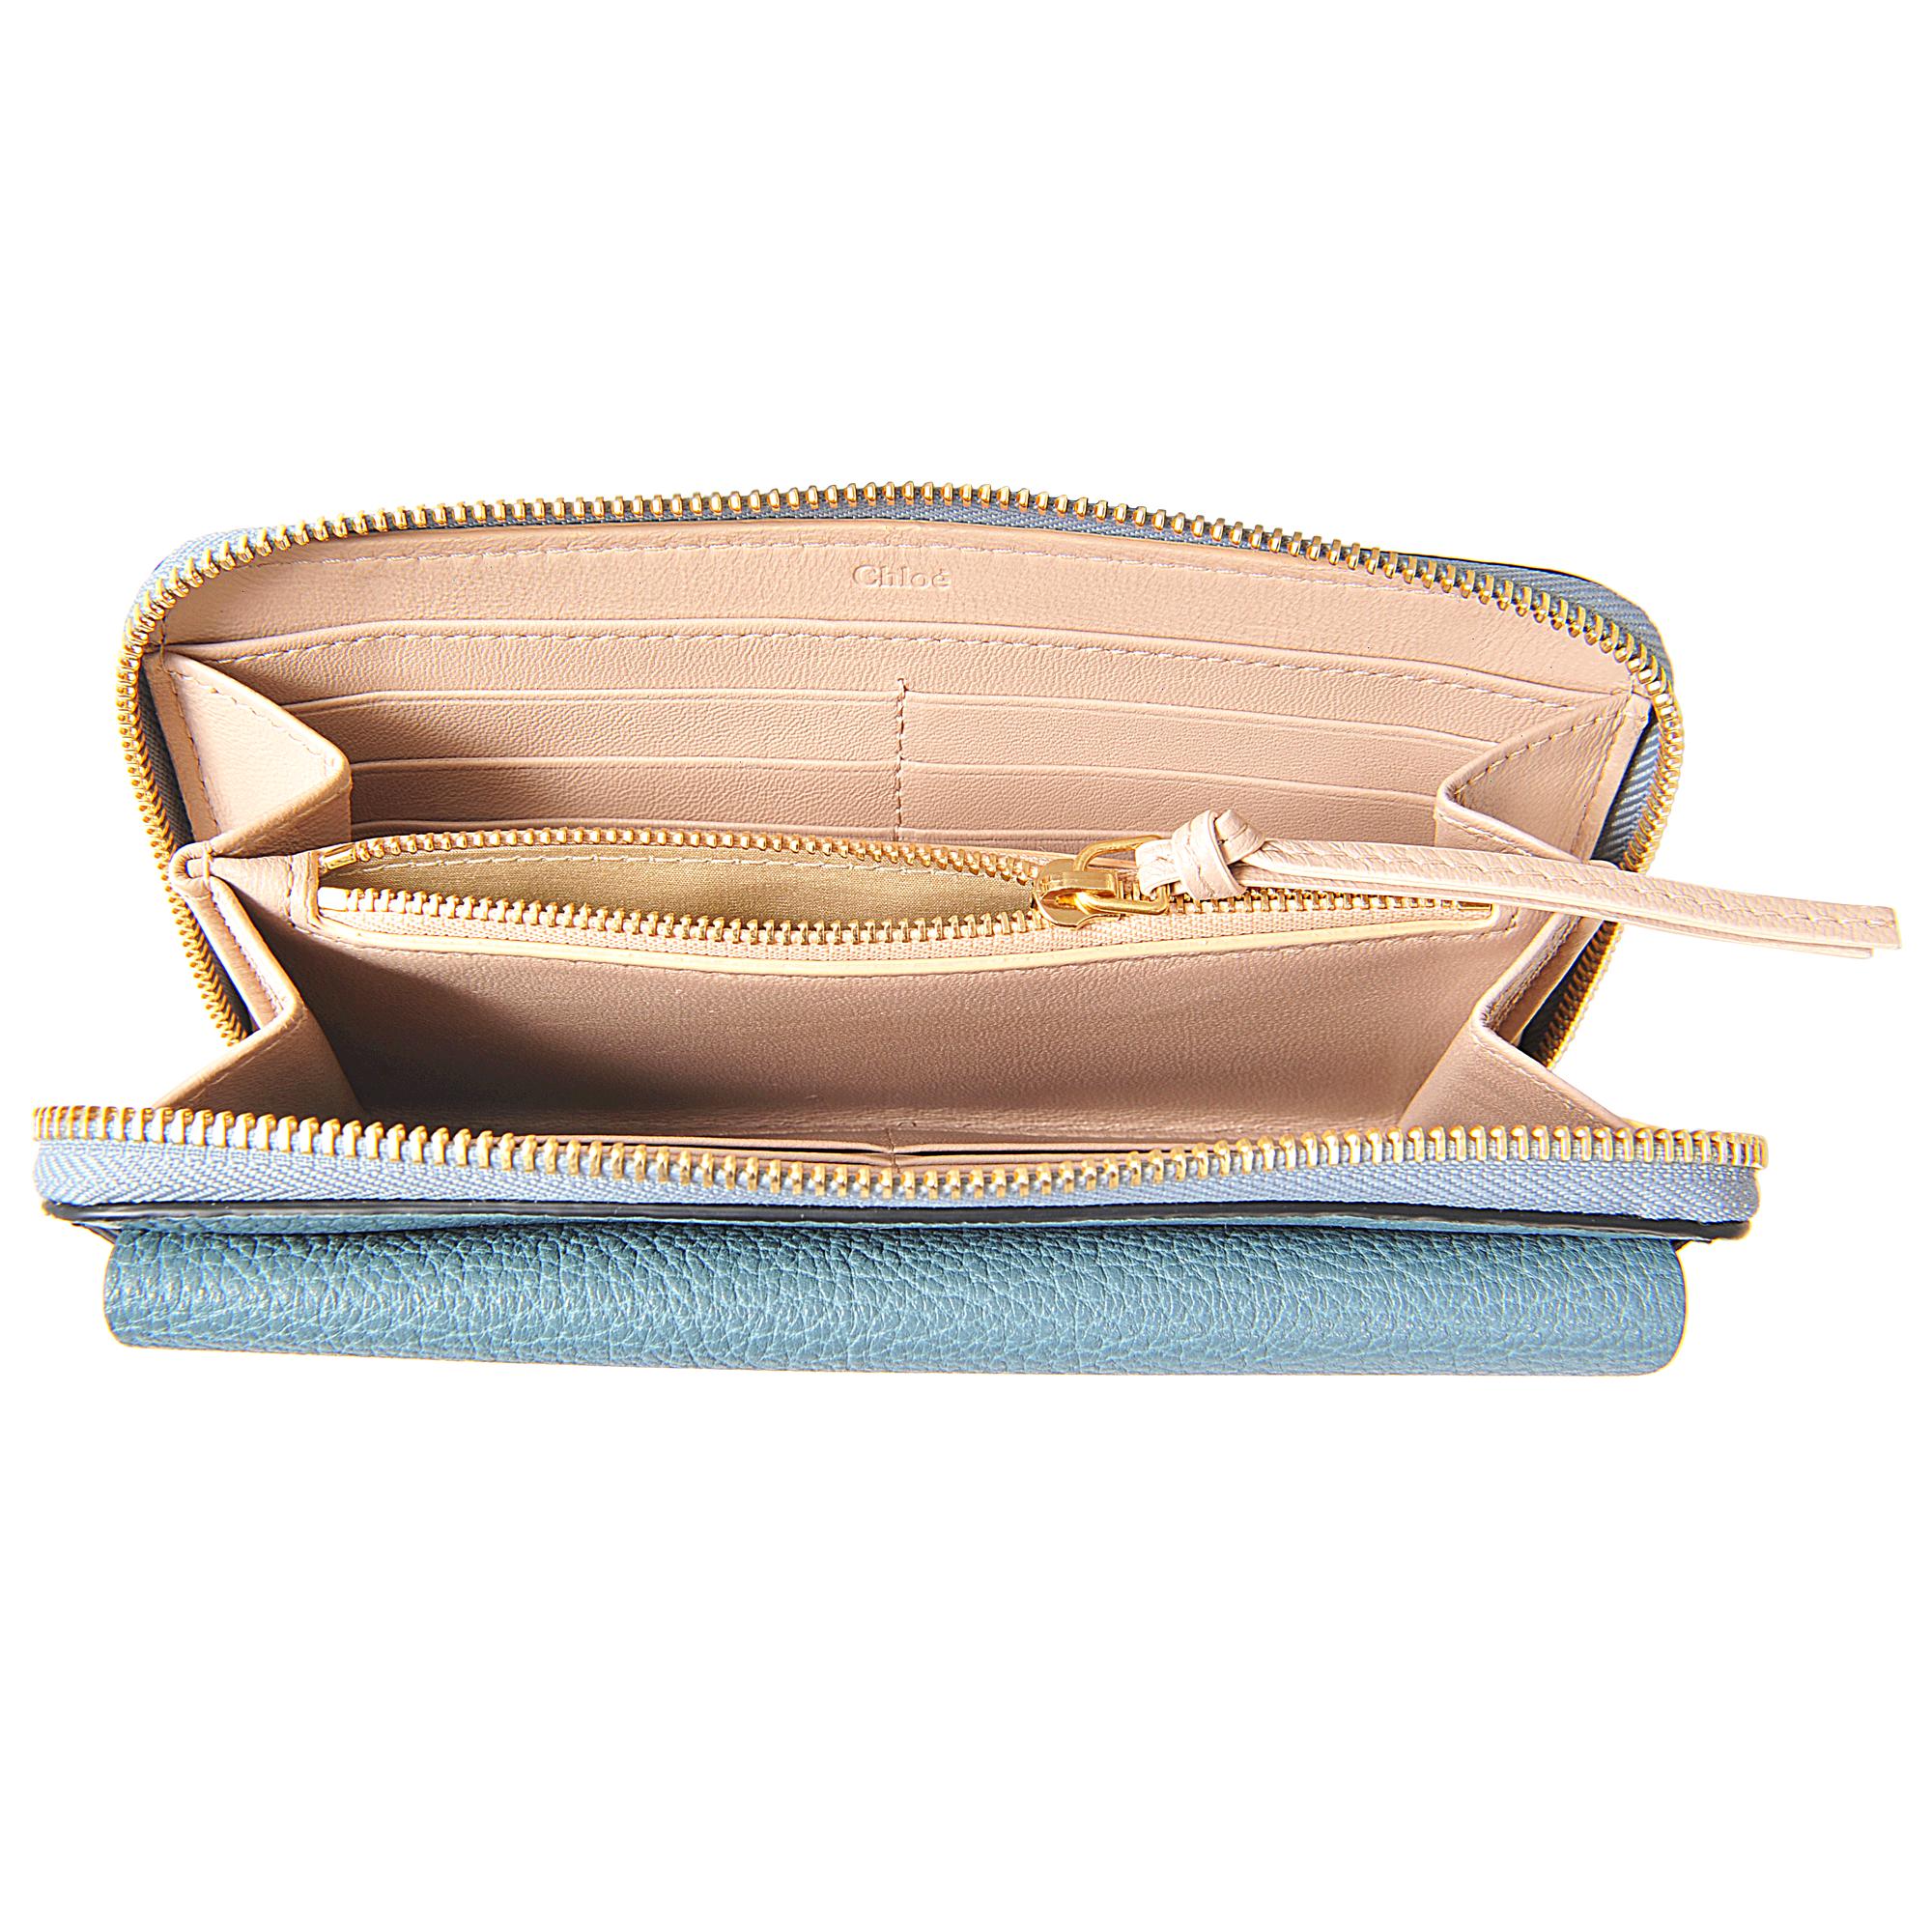 cloe purses - Chlo�� Drew Long Zipped Wallet in Teal | Lyst